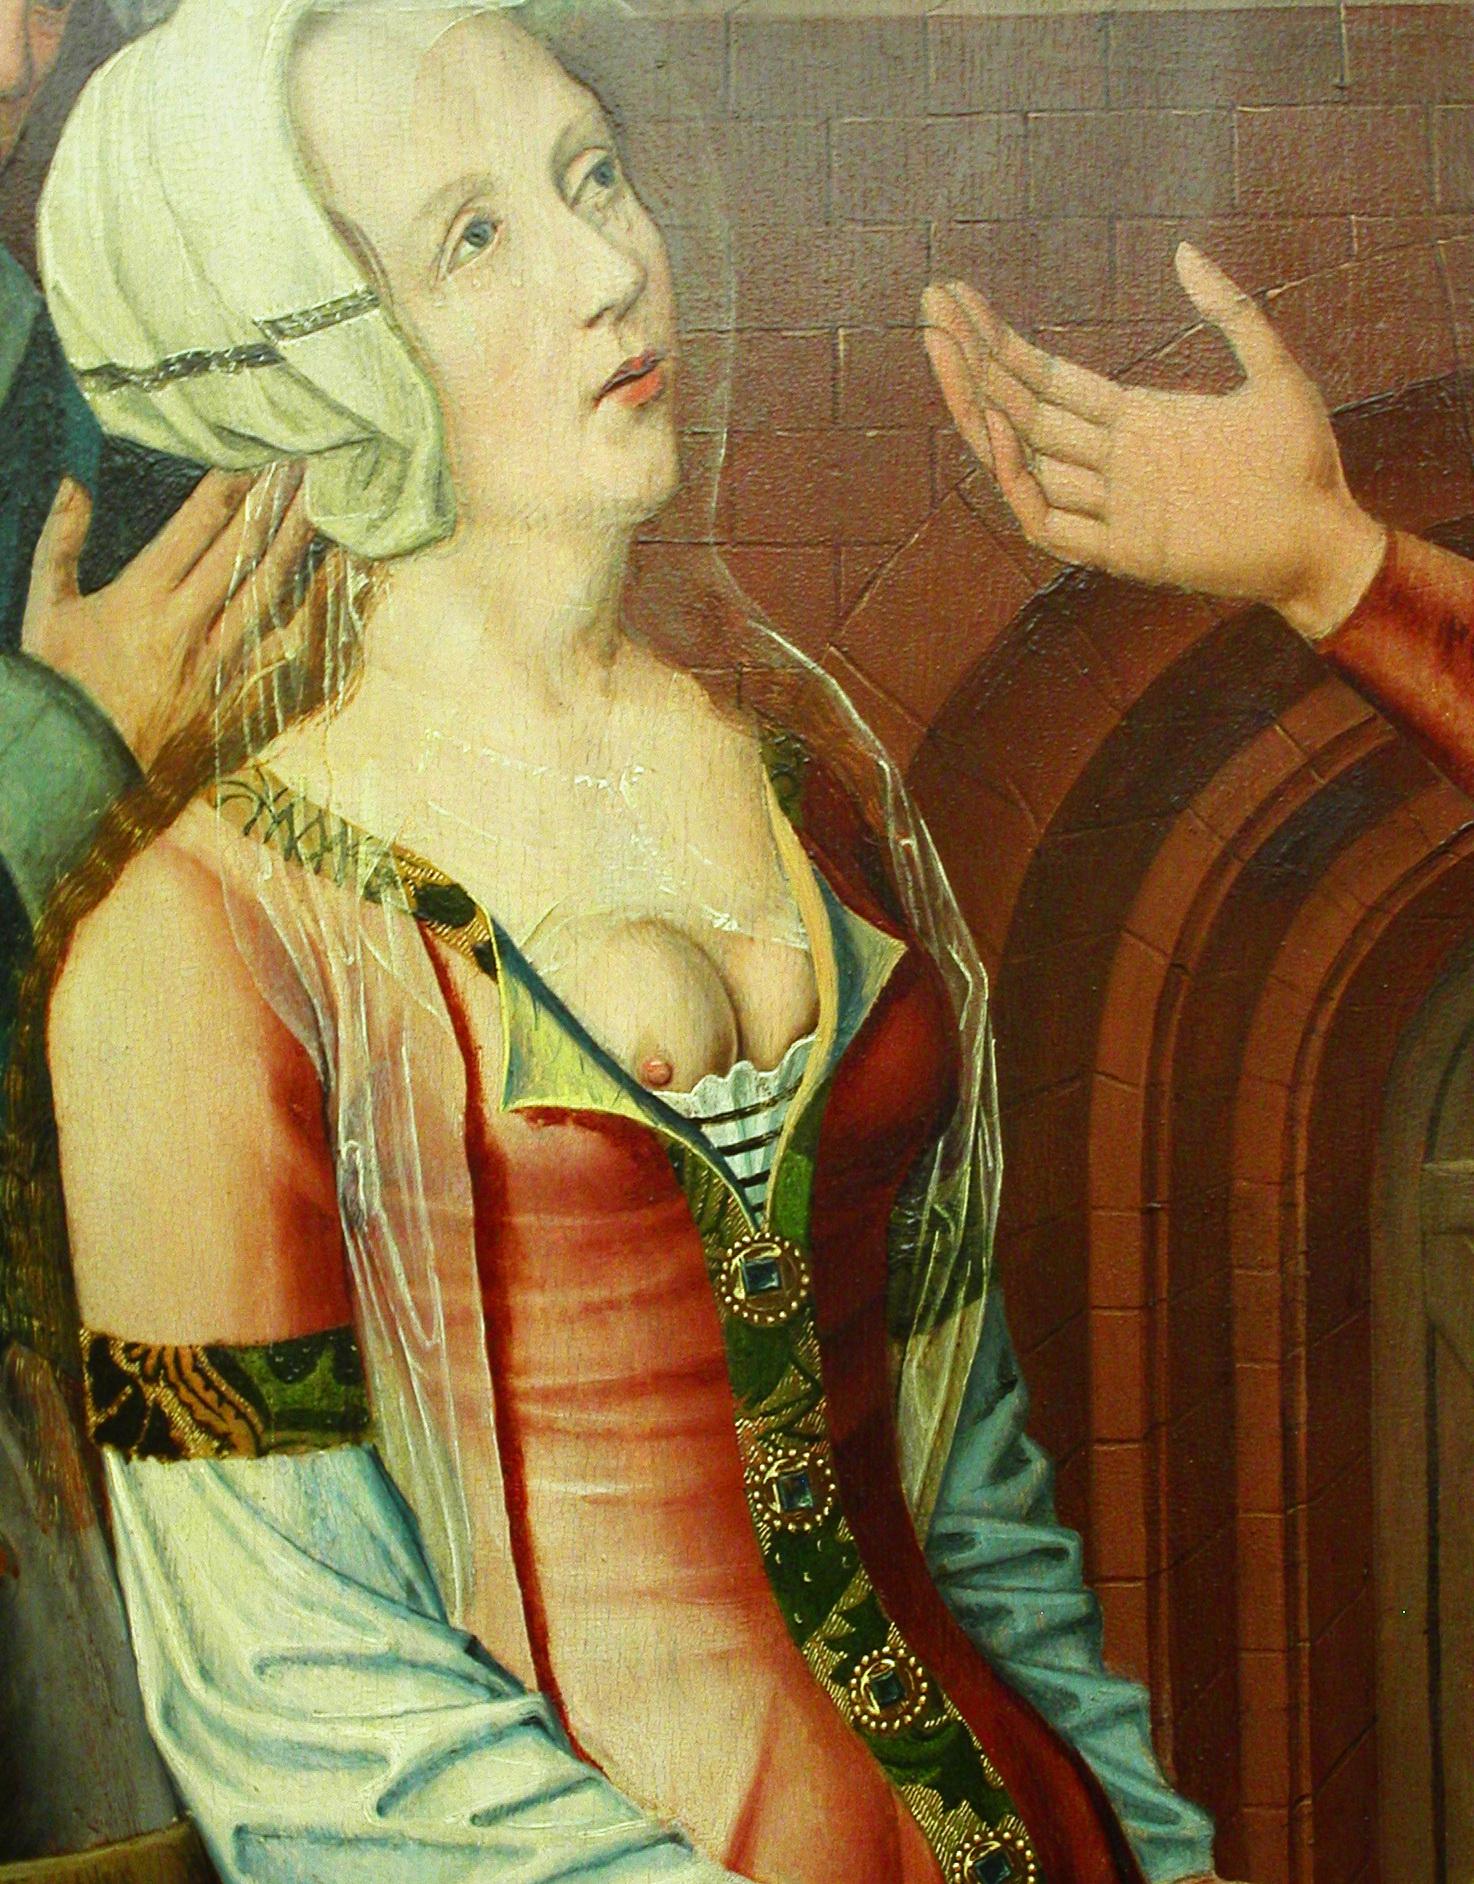 Figurformung - gab es Spanx im Mittelalter??